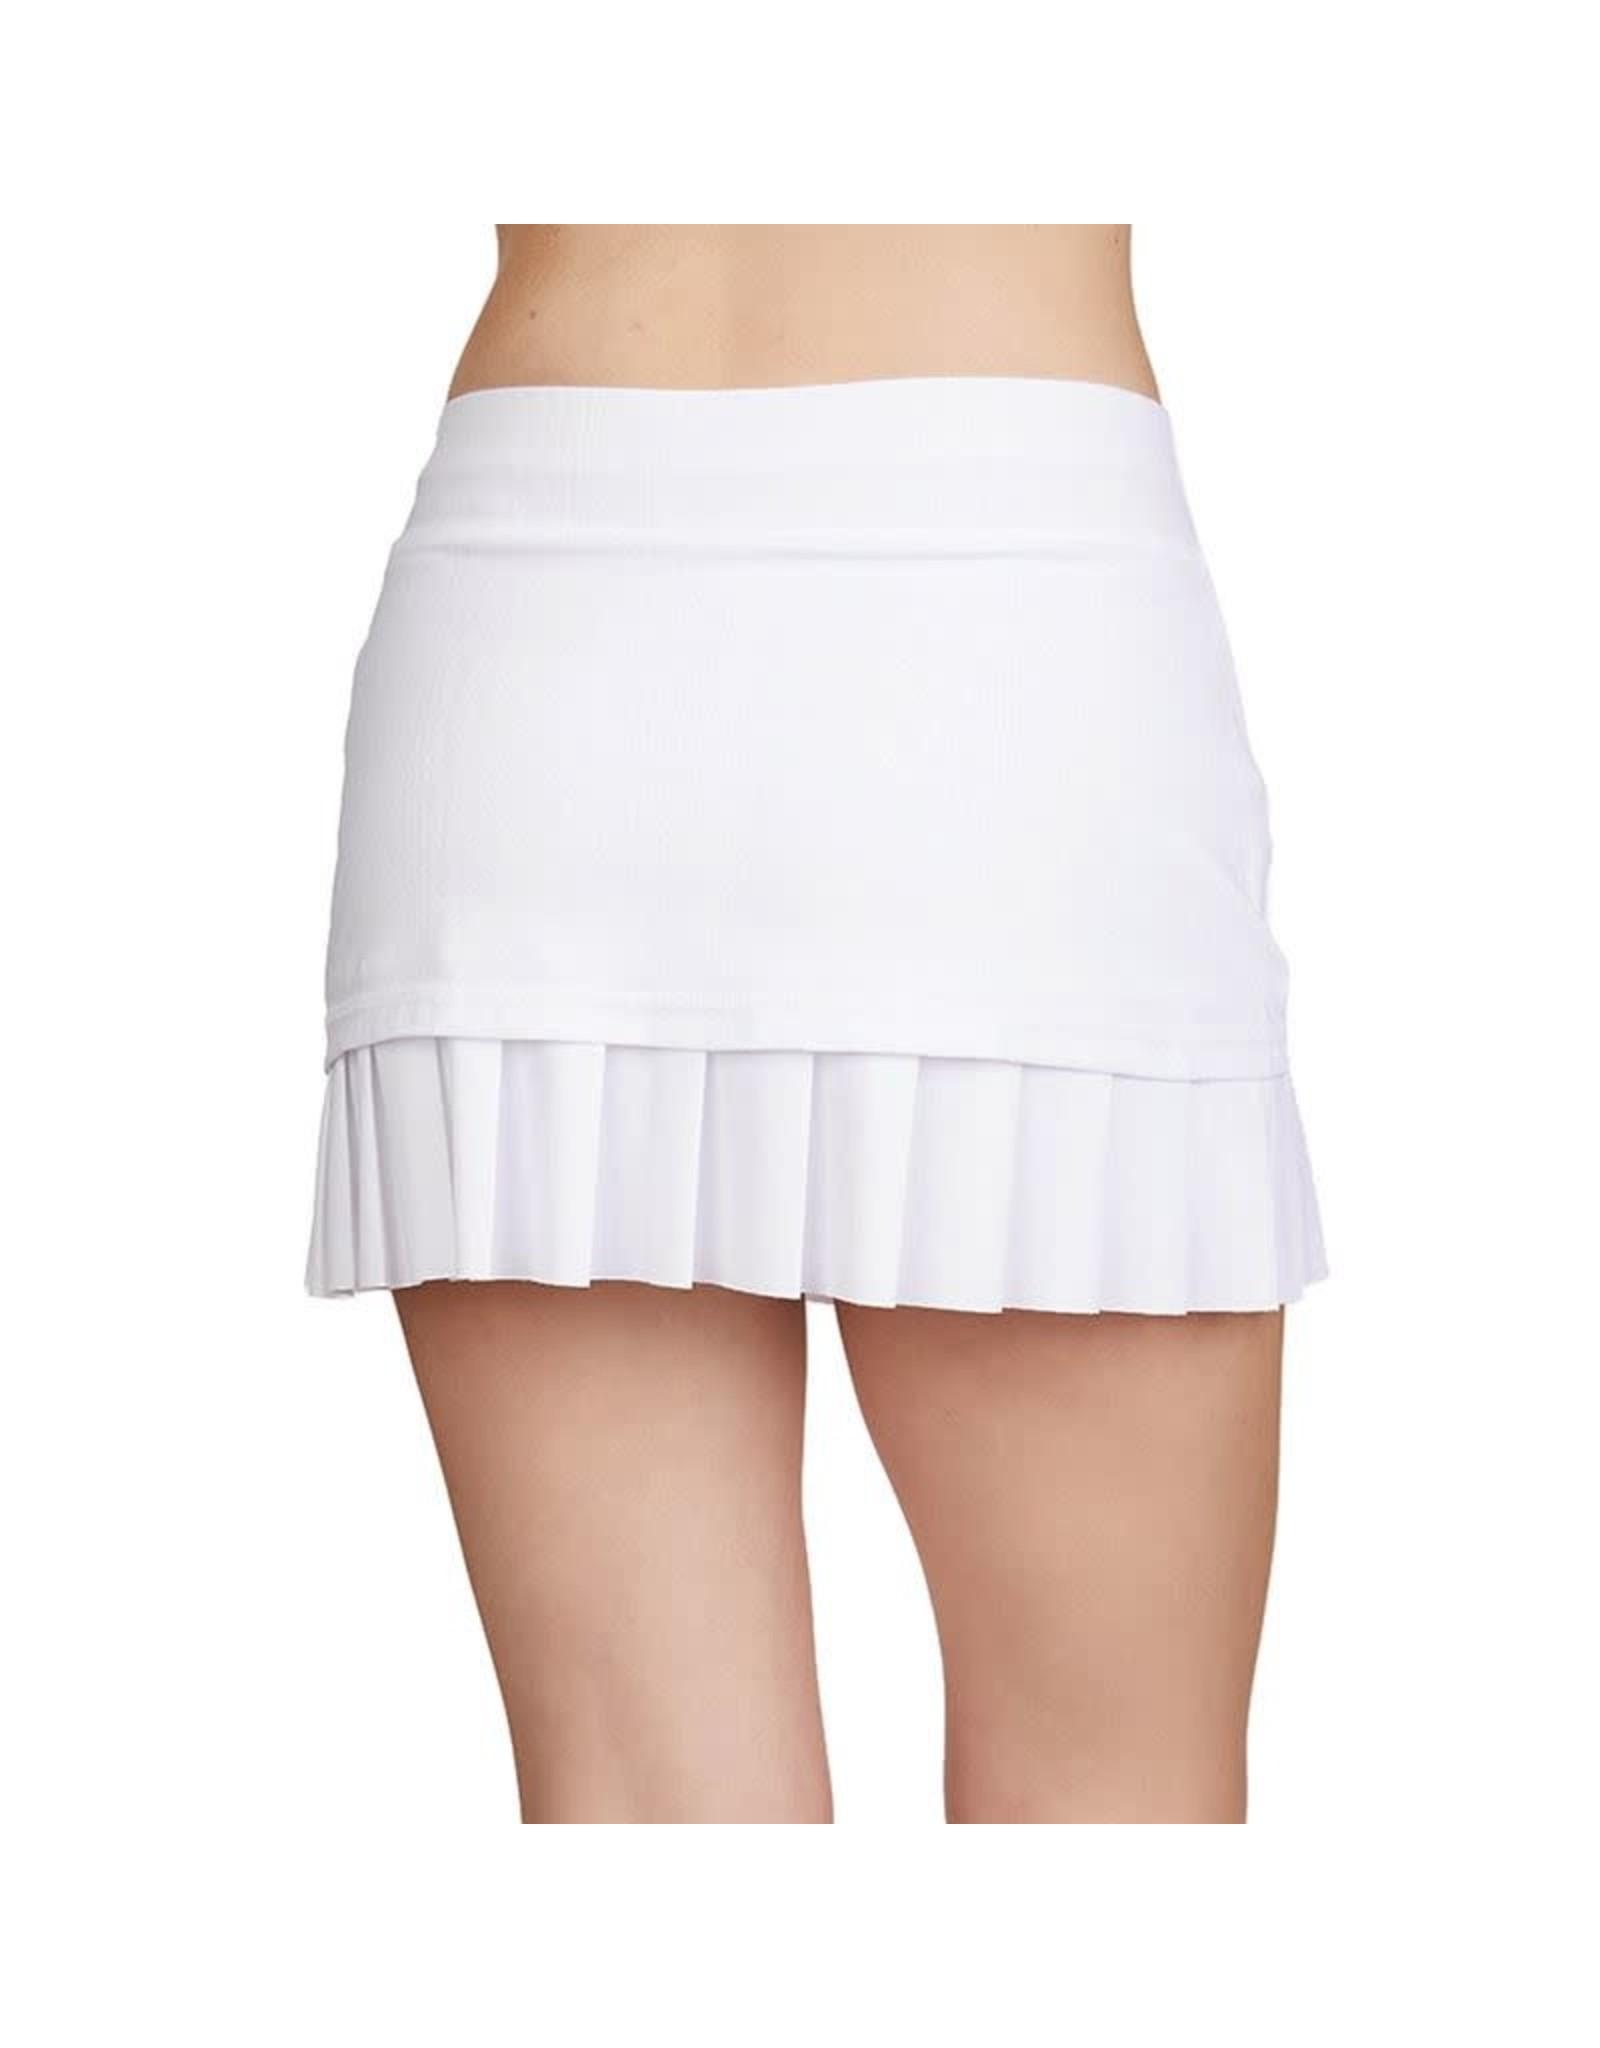 Sofibella Club Lux 14 inch Skirt